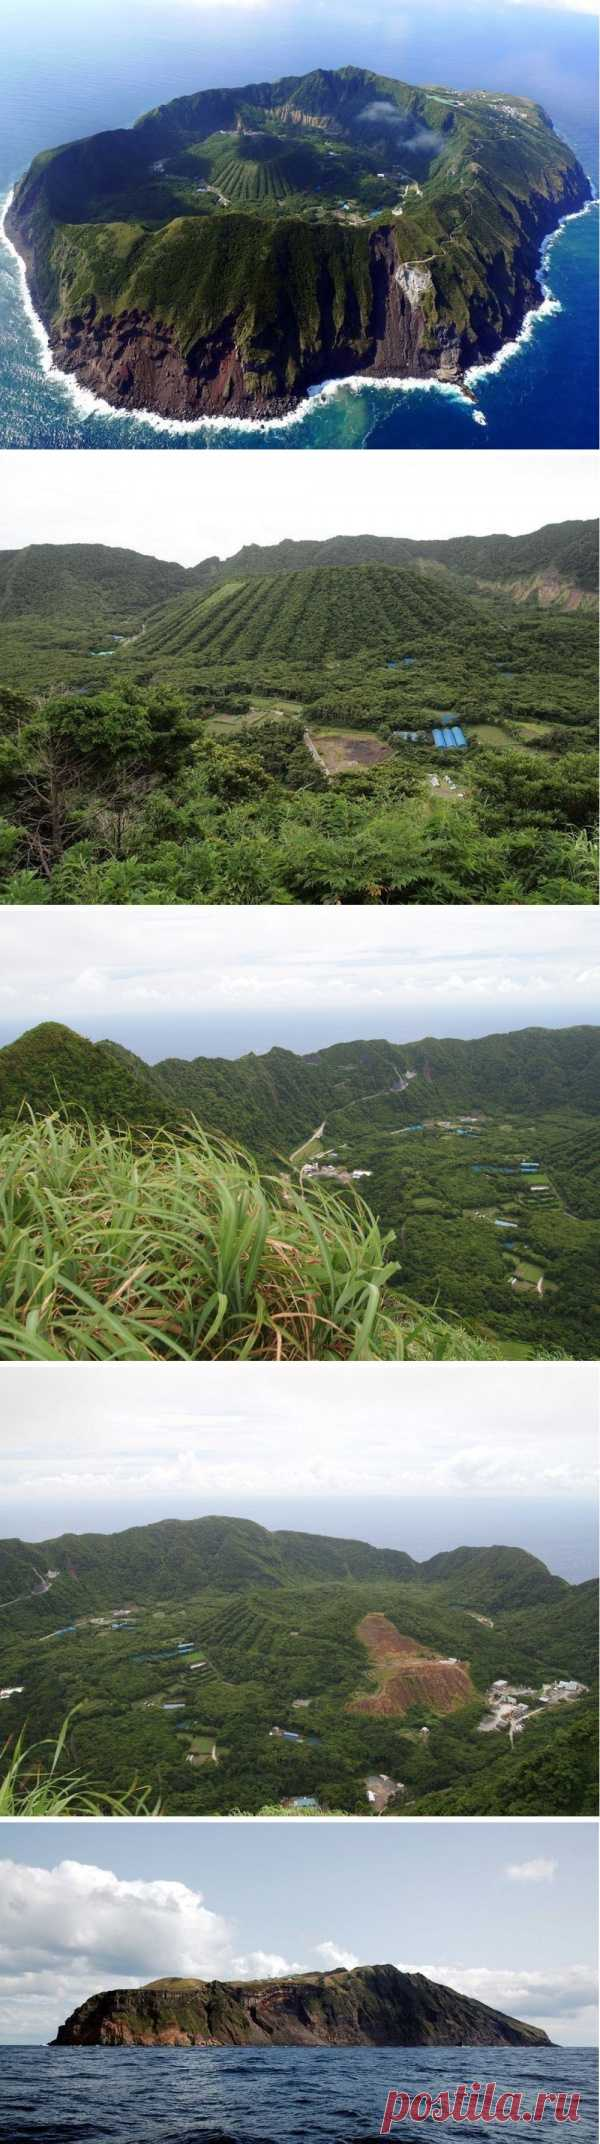 ¡La vida dentro del volcán! La isla Ogashima habitada, Japón